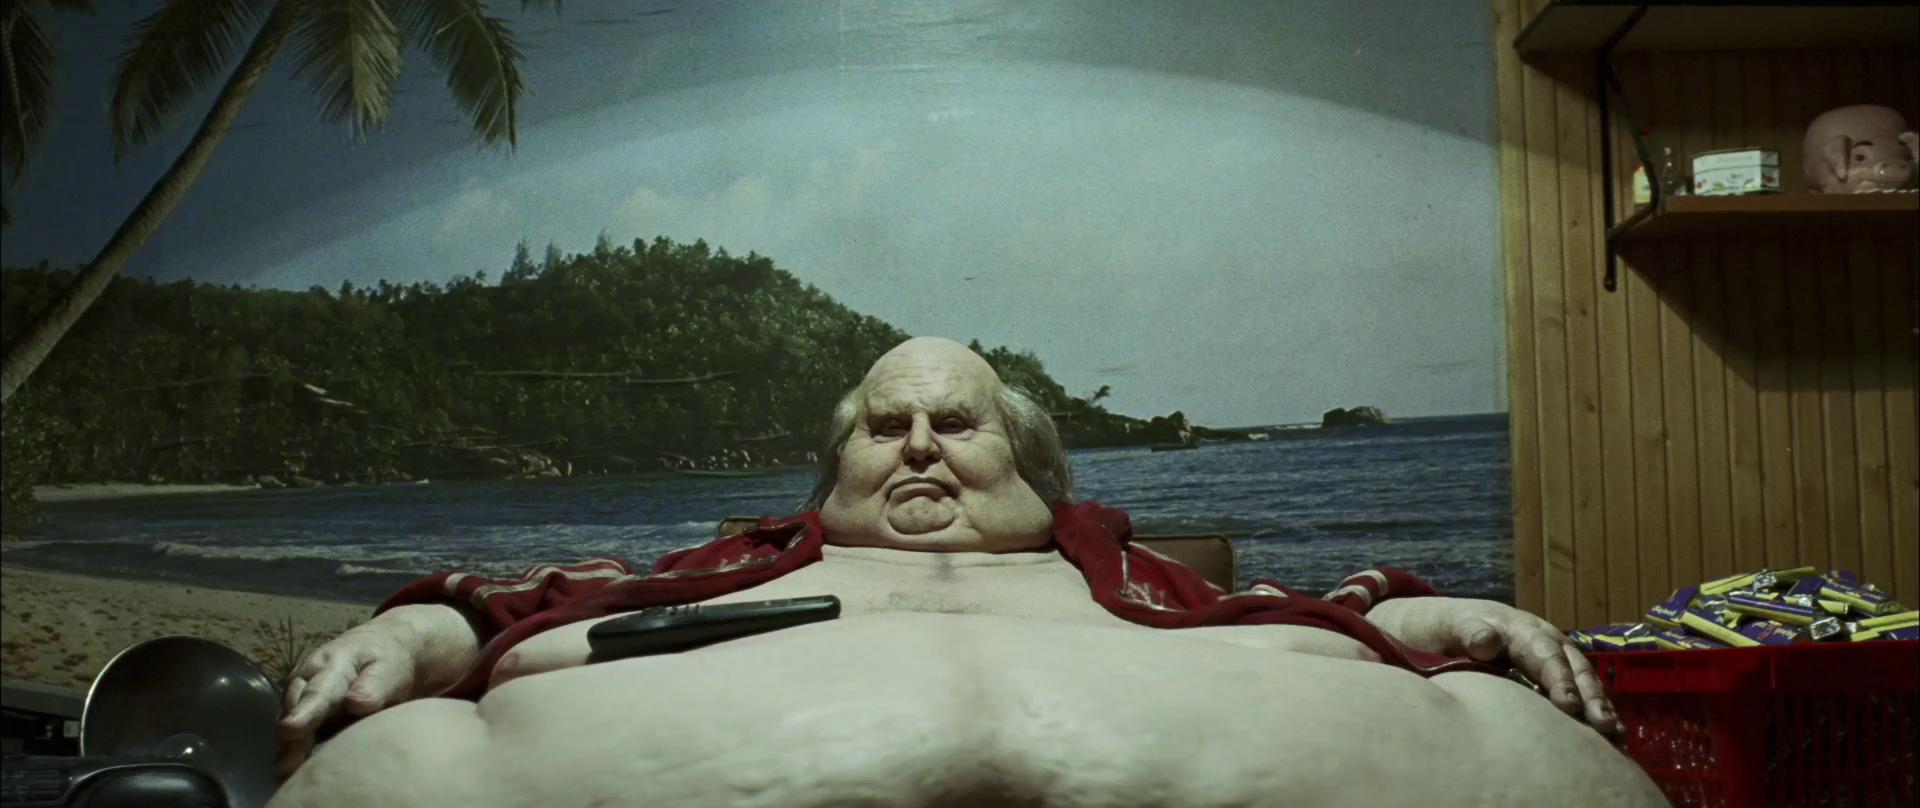 Las mejores 15 peliculas surrealistas del Siglo 21